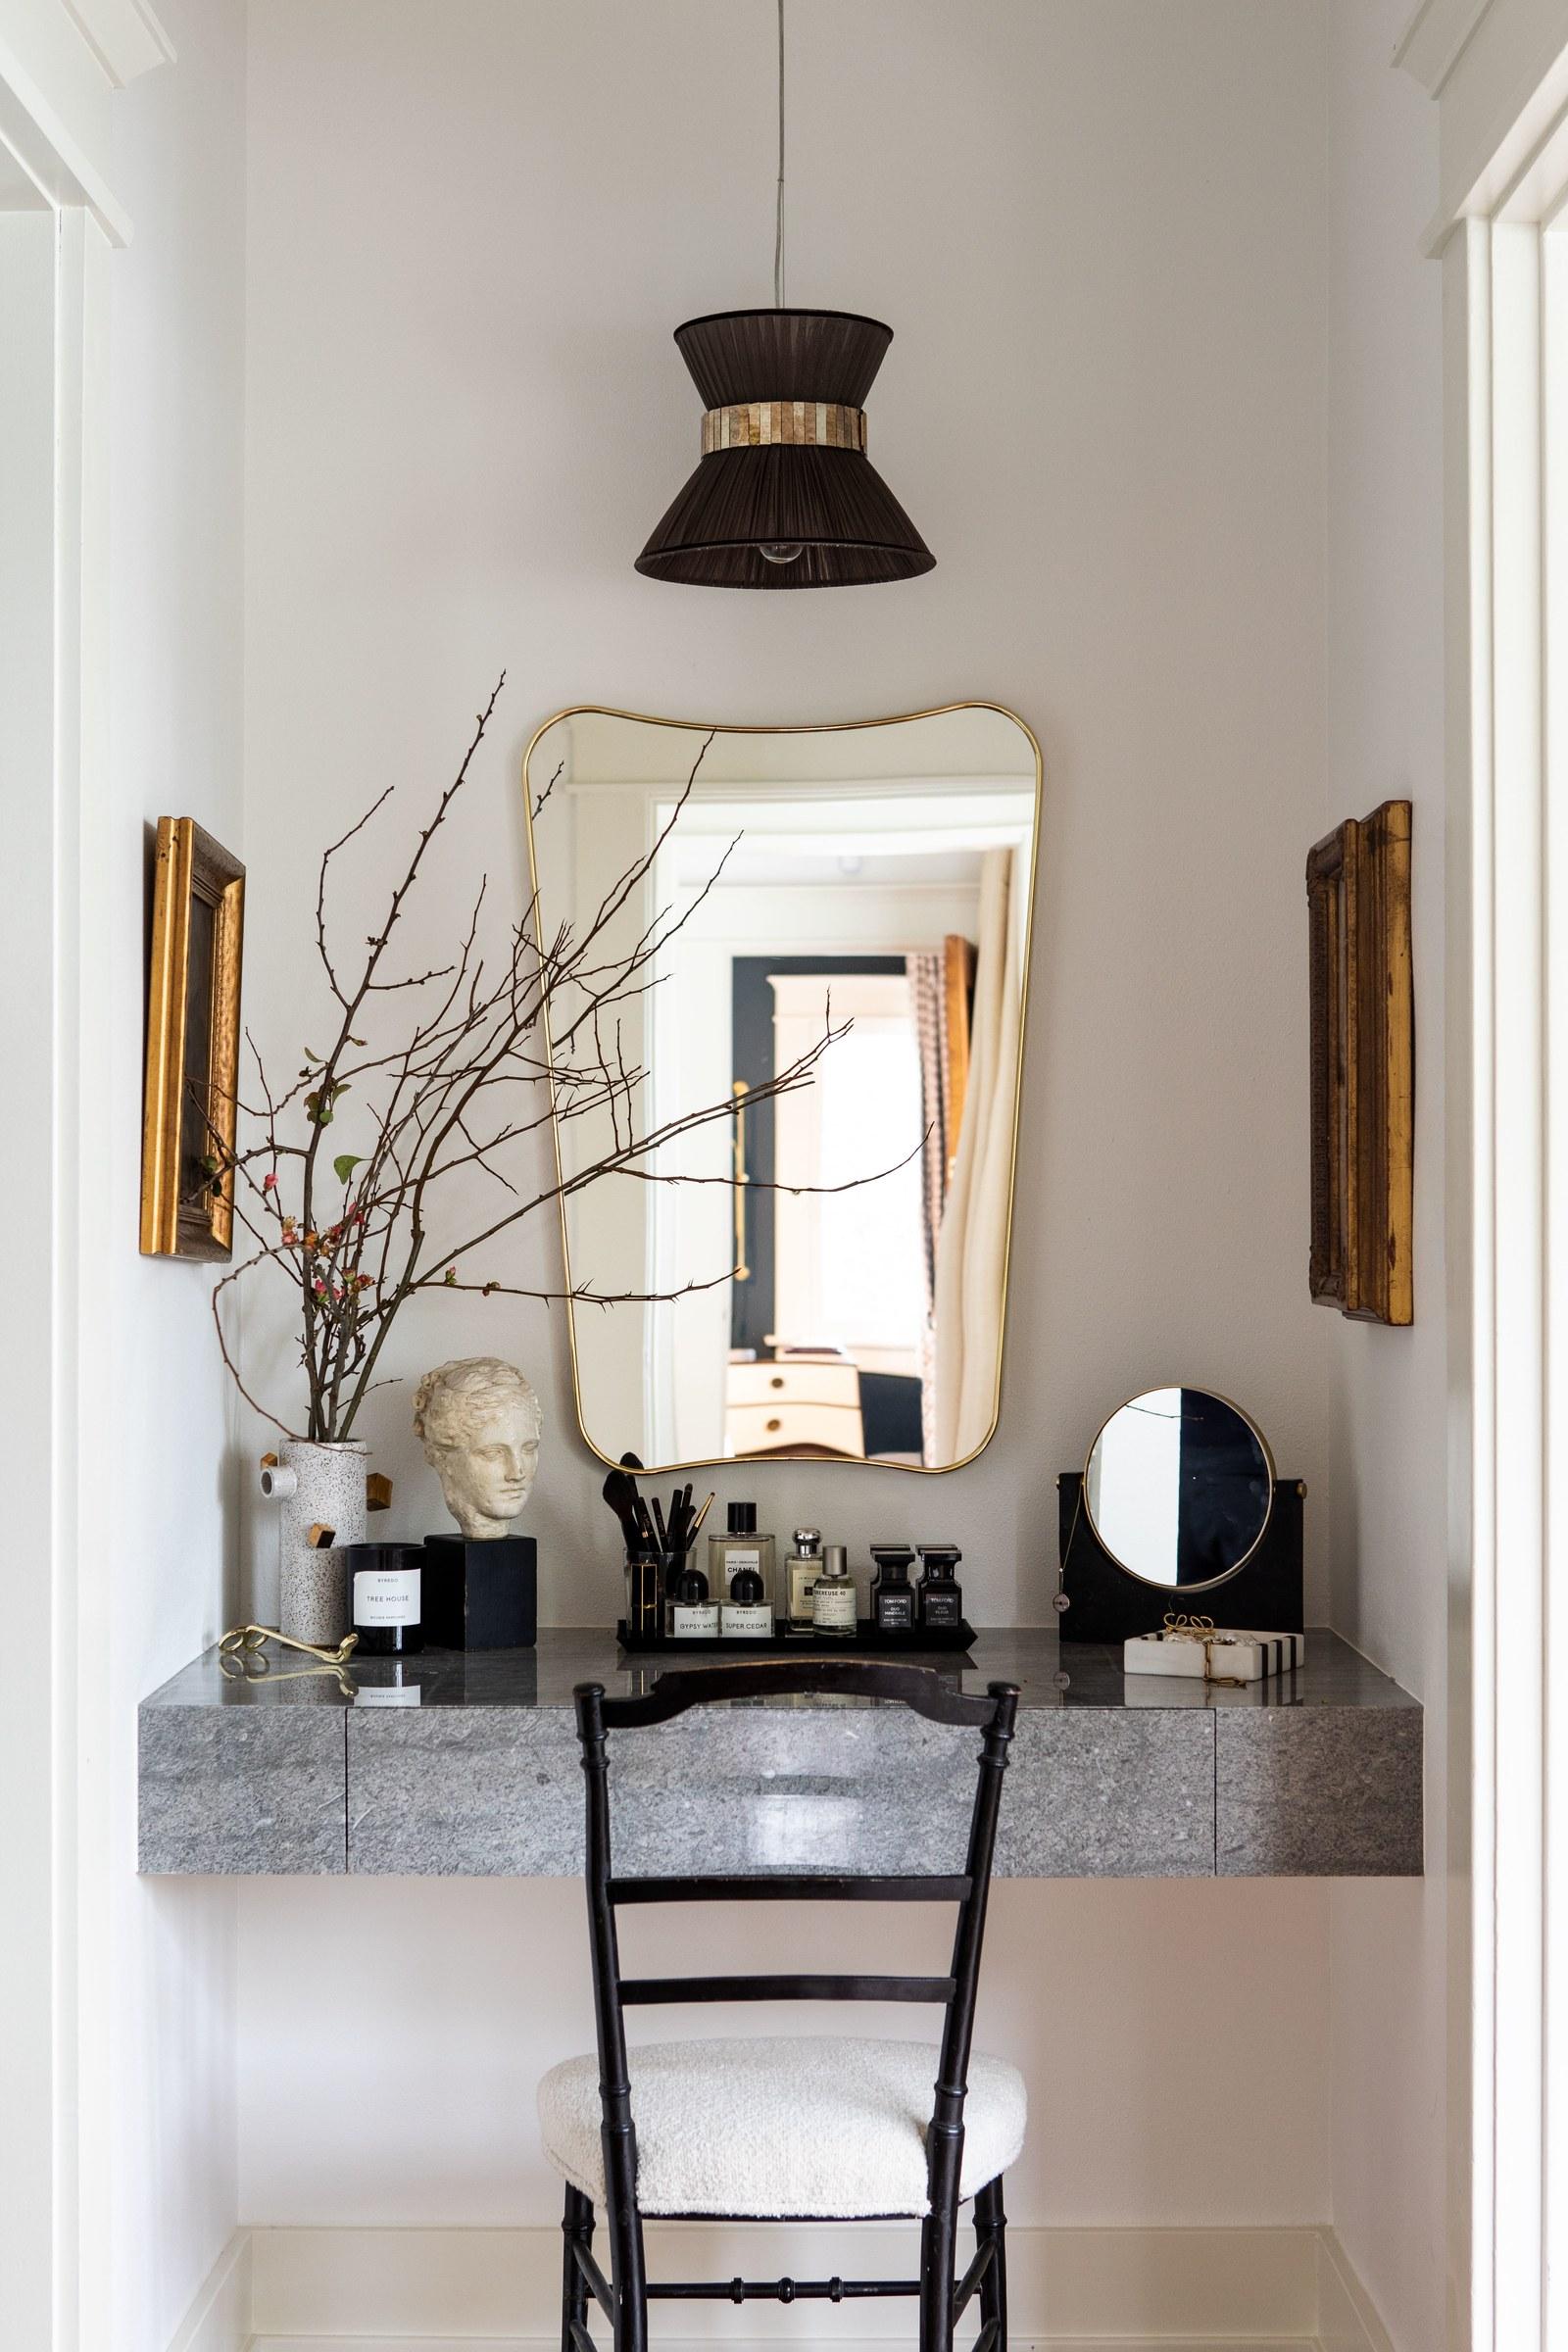 vanité flottante en marbre chunky | visite de maison d'artisan historique moderne jacey duprie